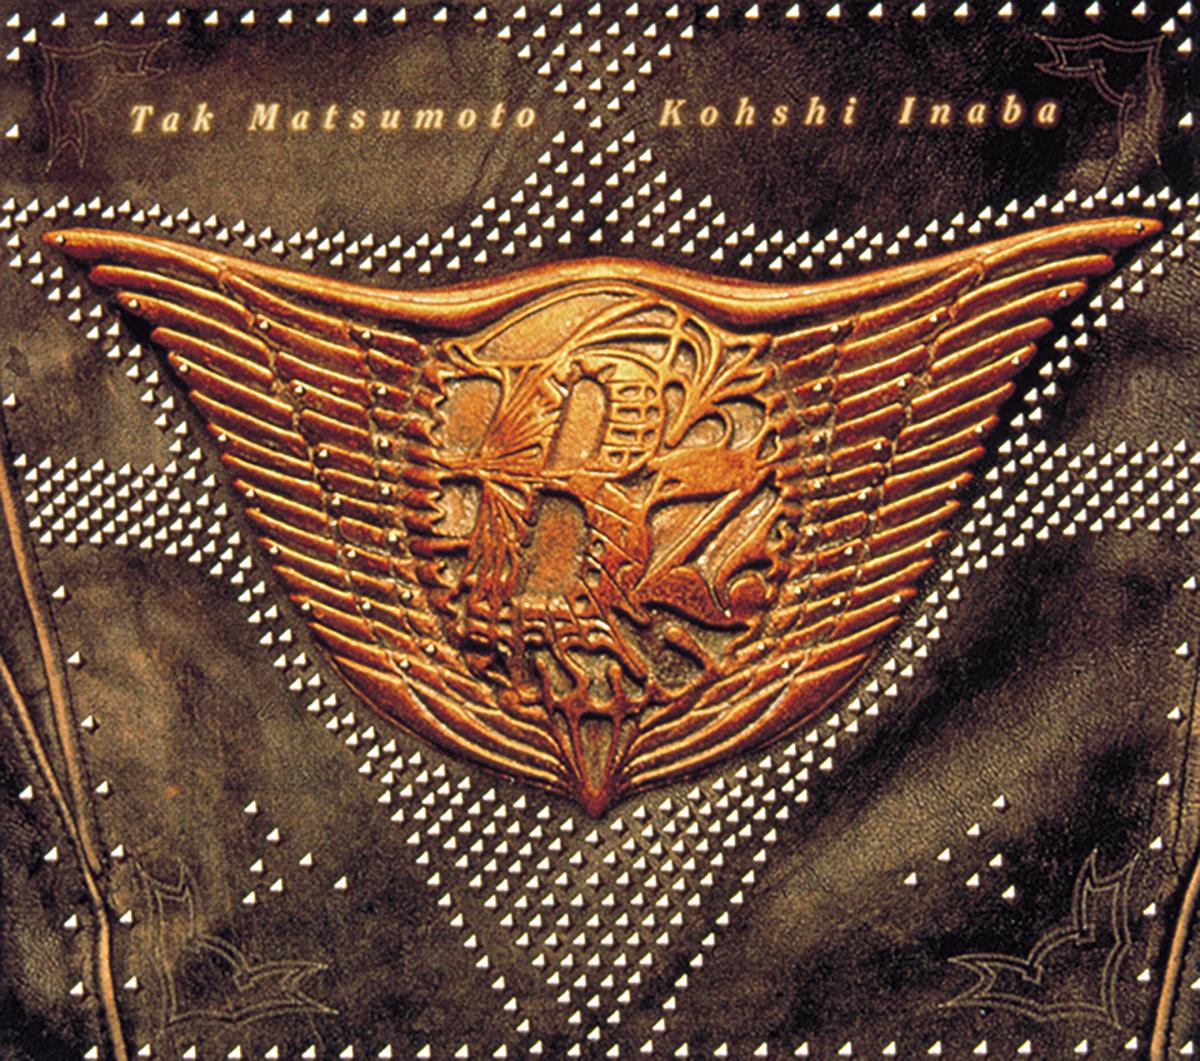 B'z公式サイトに掲載されている『The 7th Blues』のアルバムジャケット